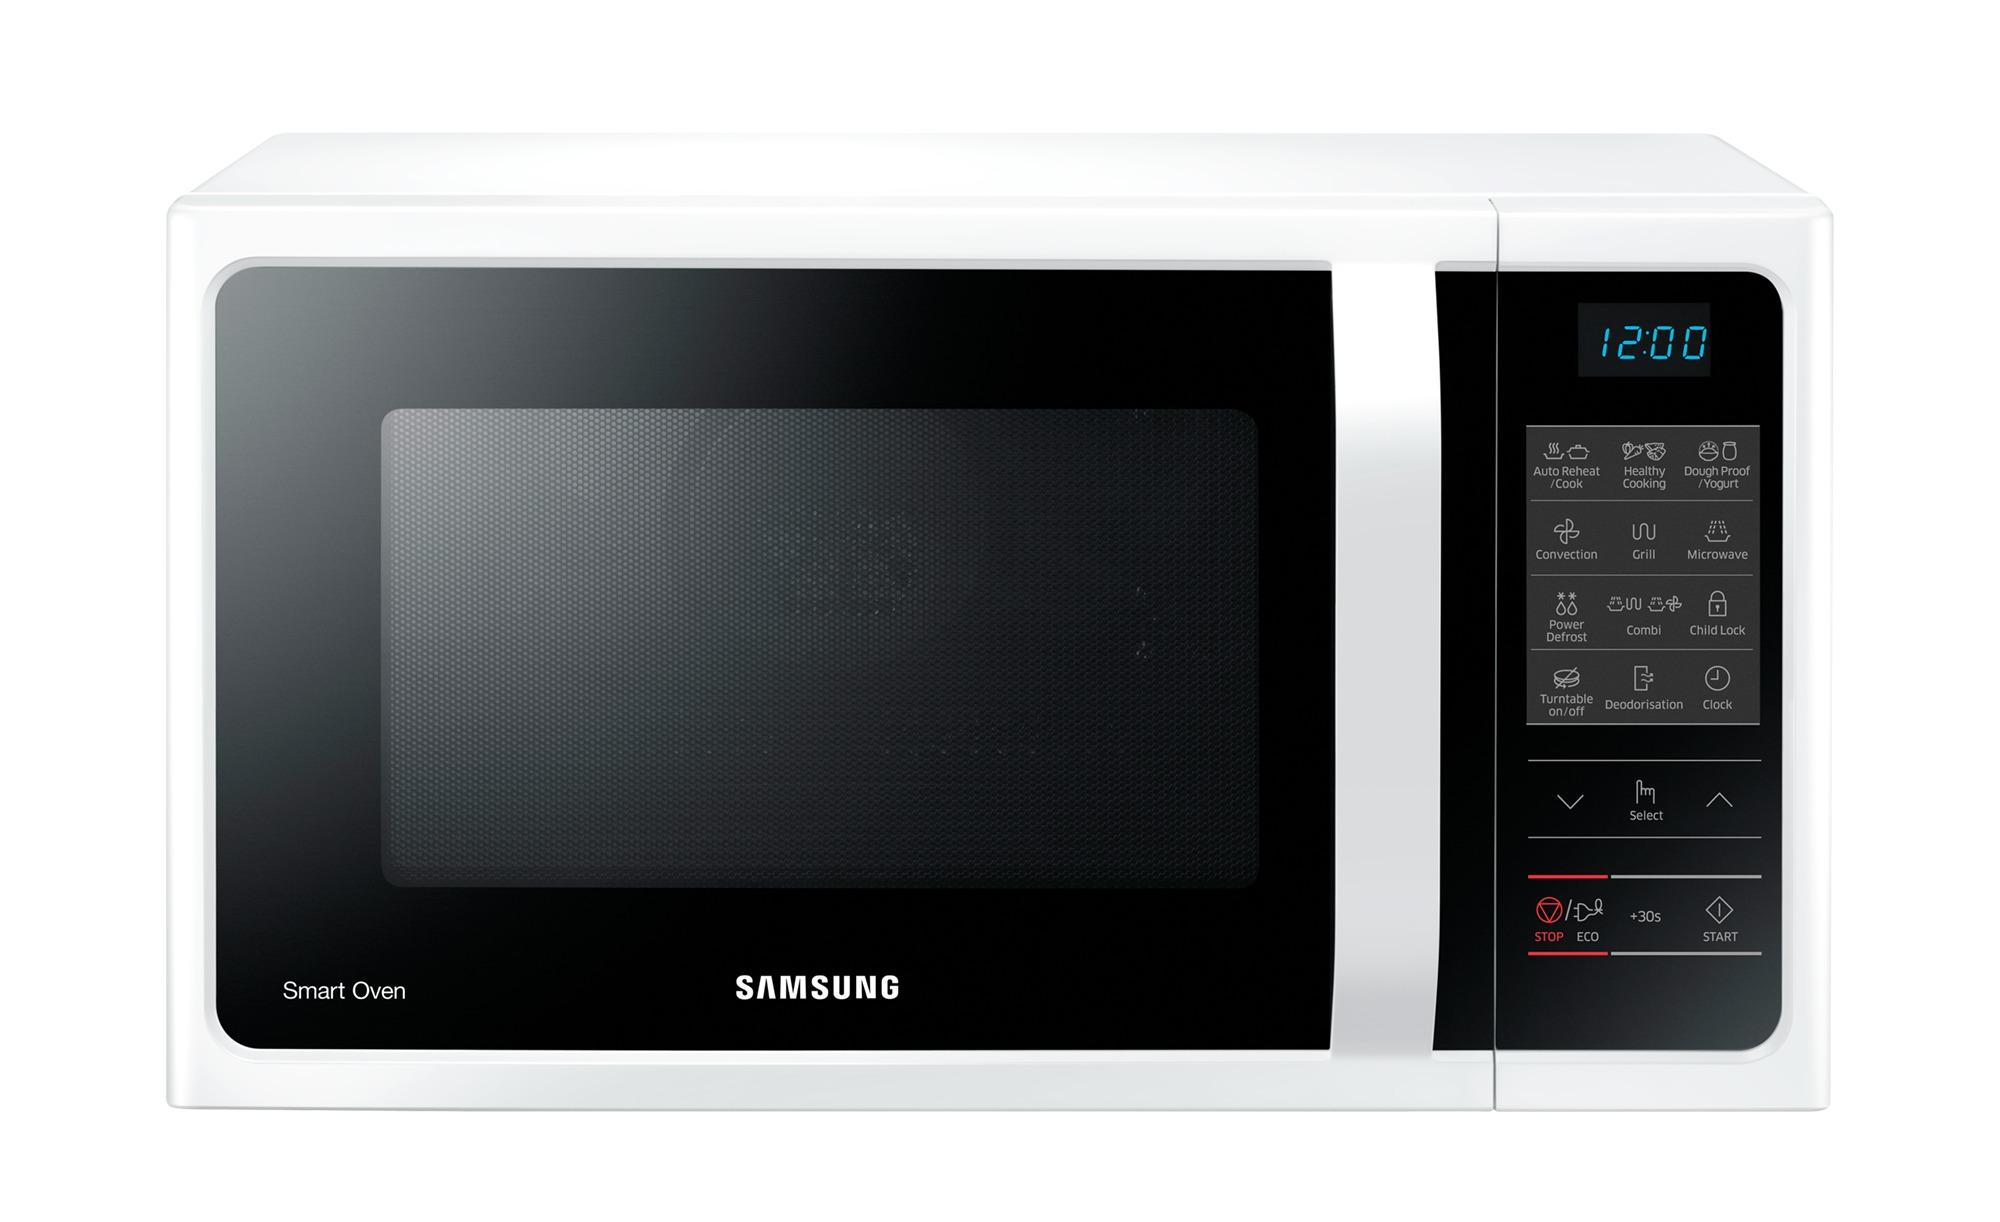 Samsung Mikrowelle  MC28H5013AW/EG - weiß - Glas , Kunststoff - 51,7 cm - 31 cm - 47,48 cm - Elektrokleingeräte > Mikrowellen - Möbel Kraft | Küche und Esszimmer > Küchenelektrogeräte > Mikrowellen | Samsung